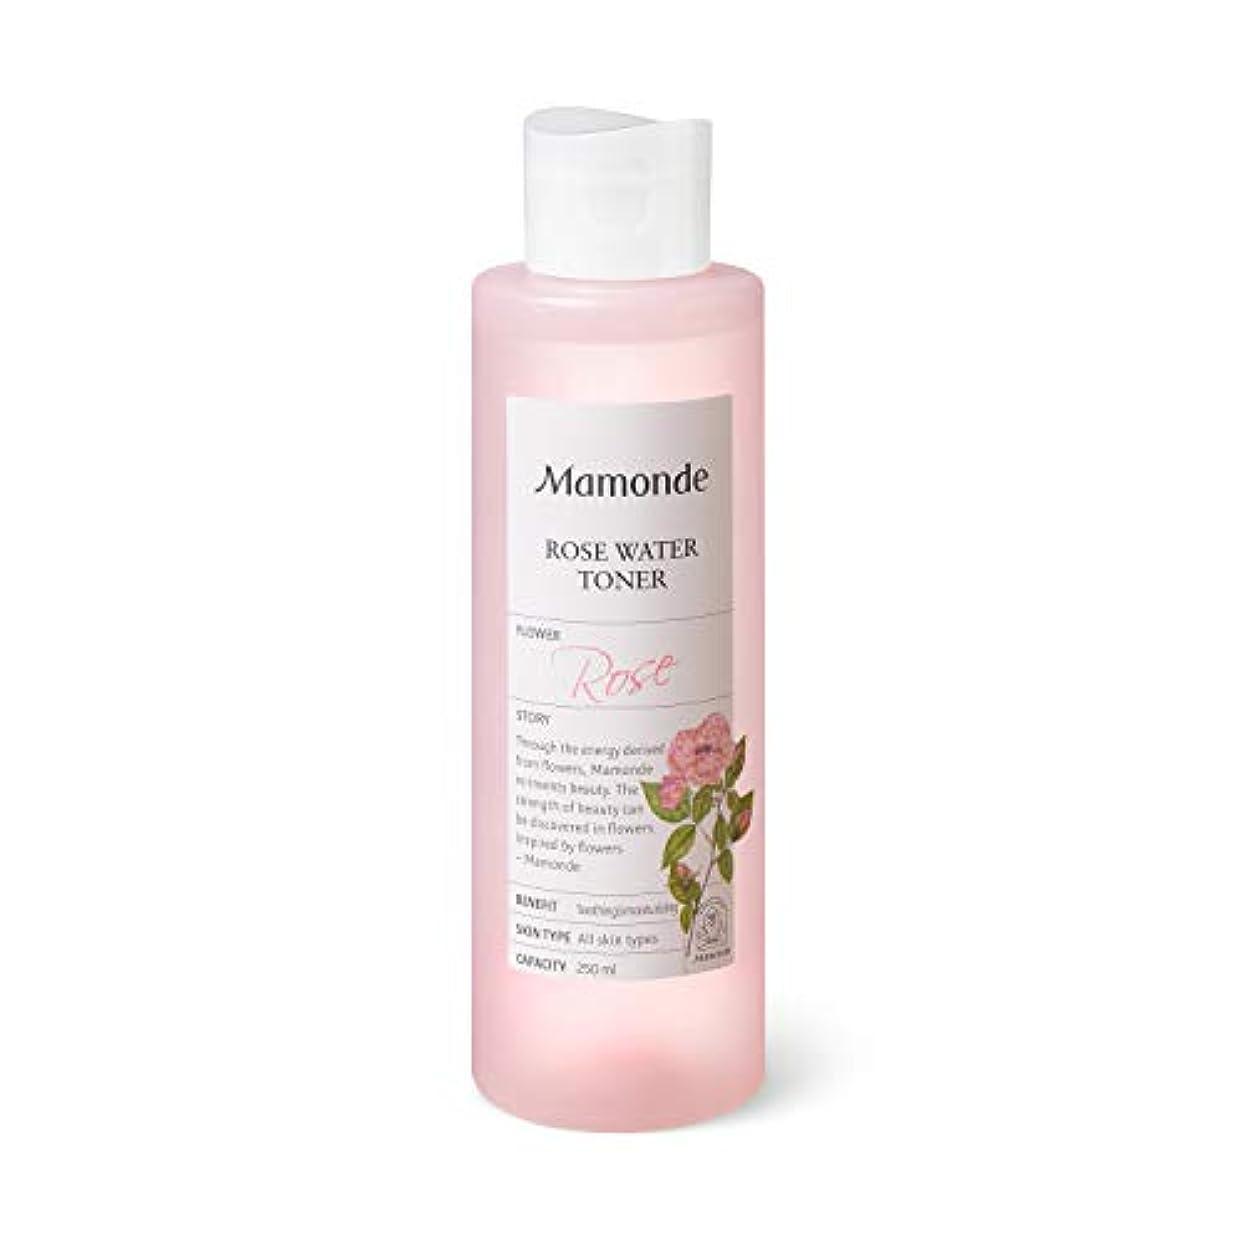 不均一うつ同意[マモンド]ローズウォータートナー(Mamonde Rose Water Toner 250ml)